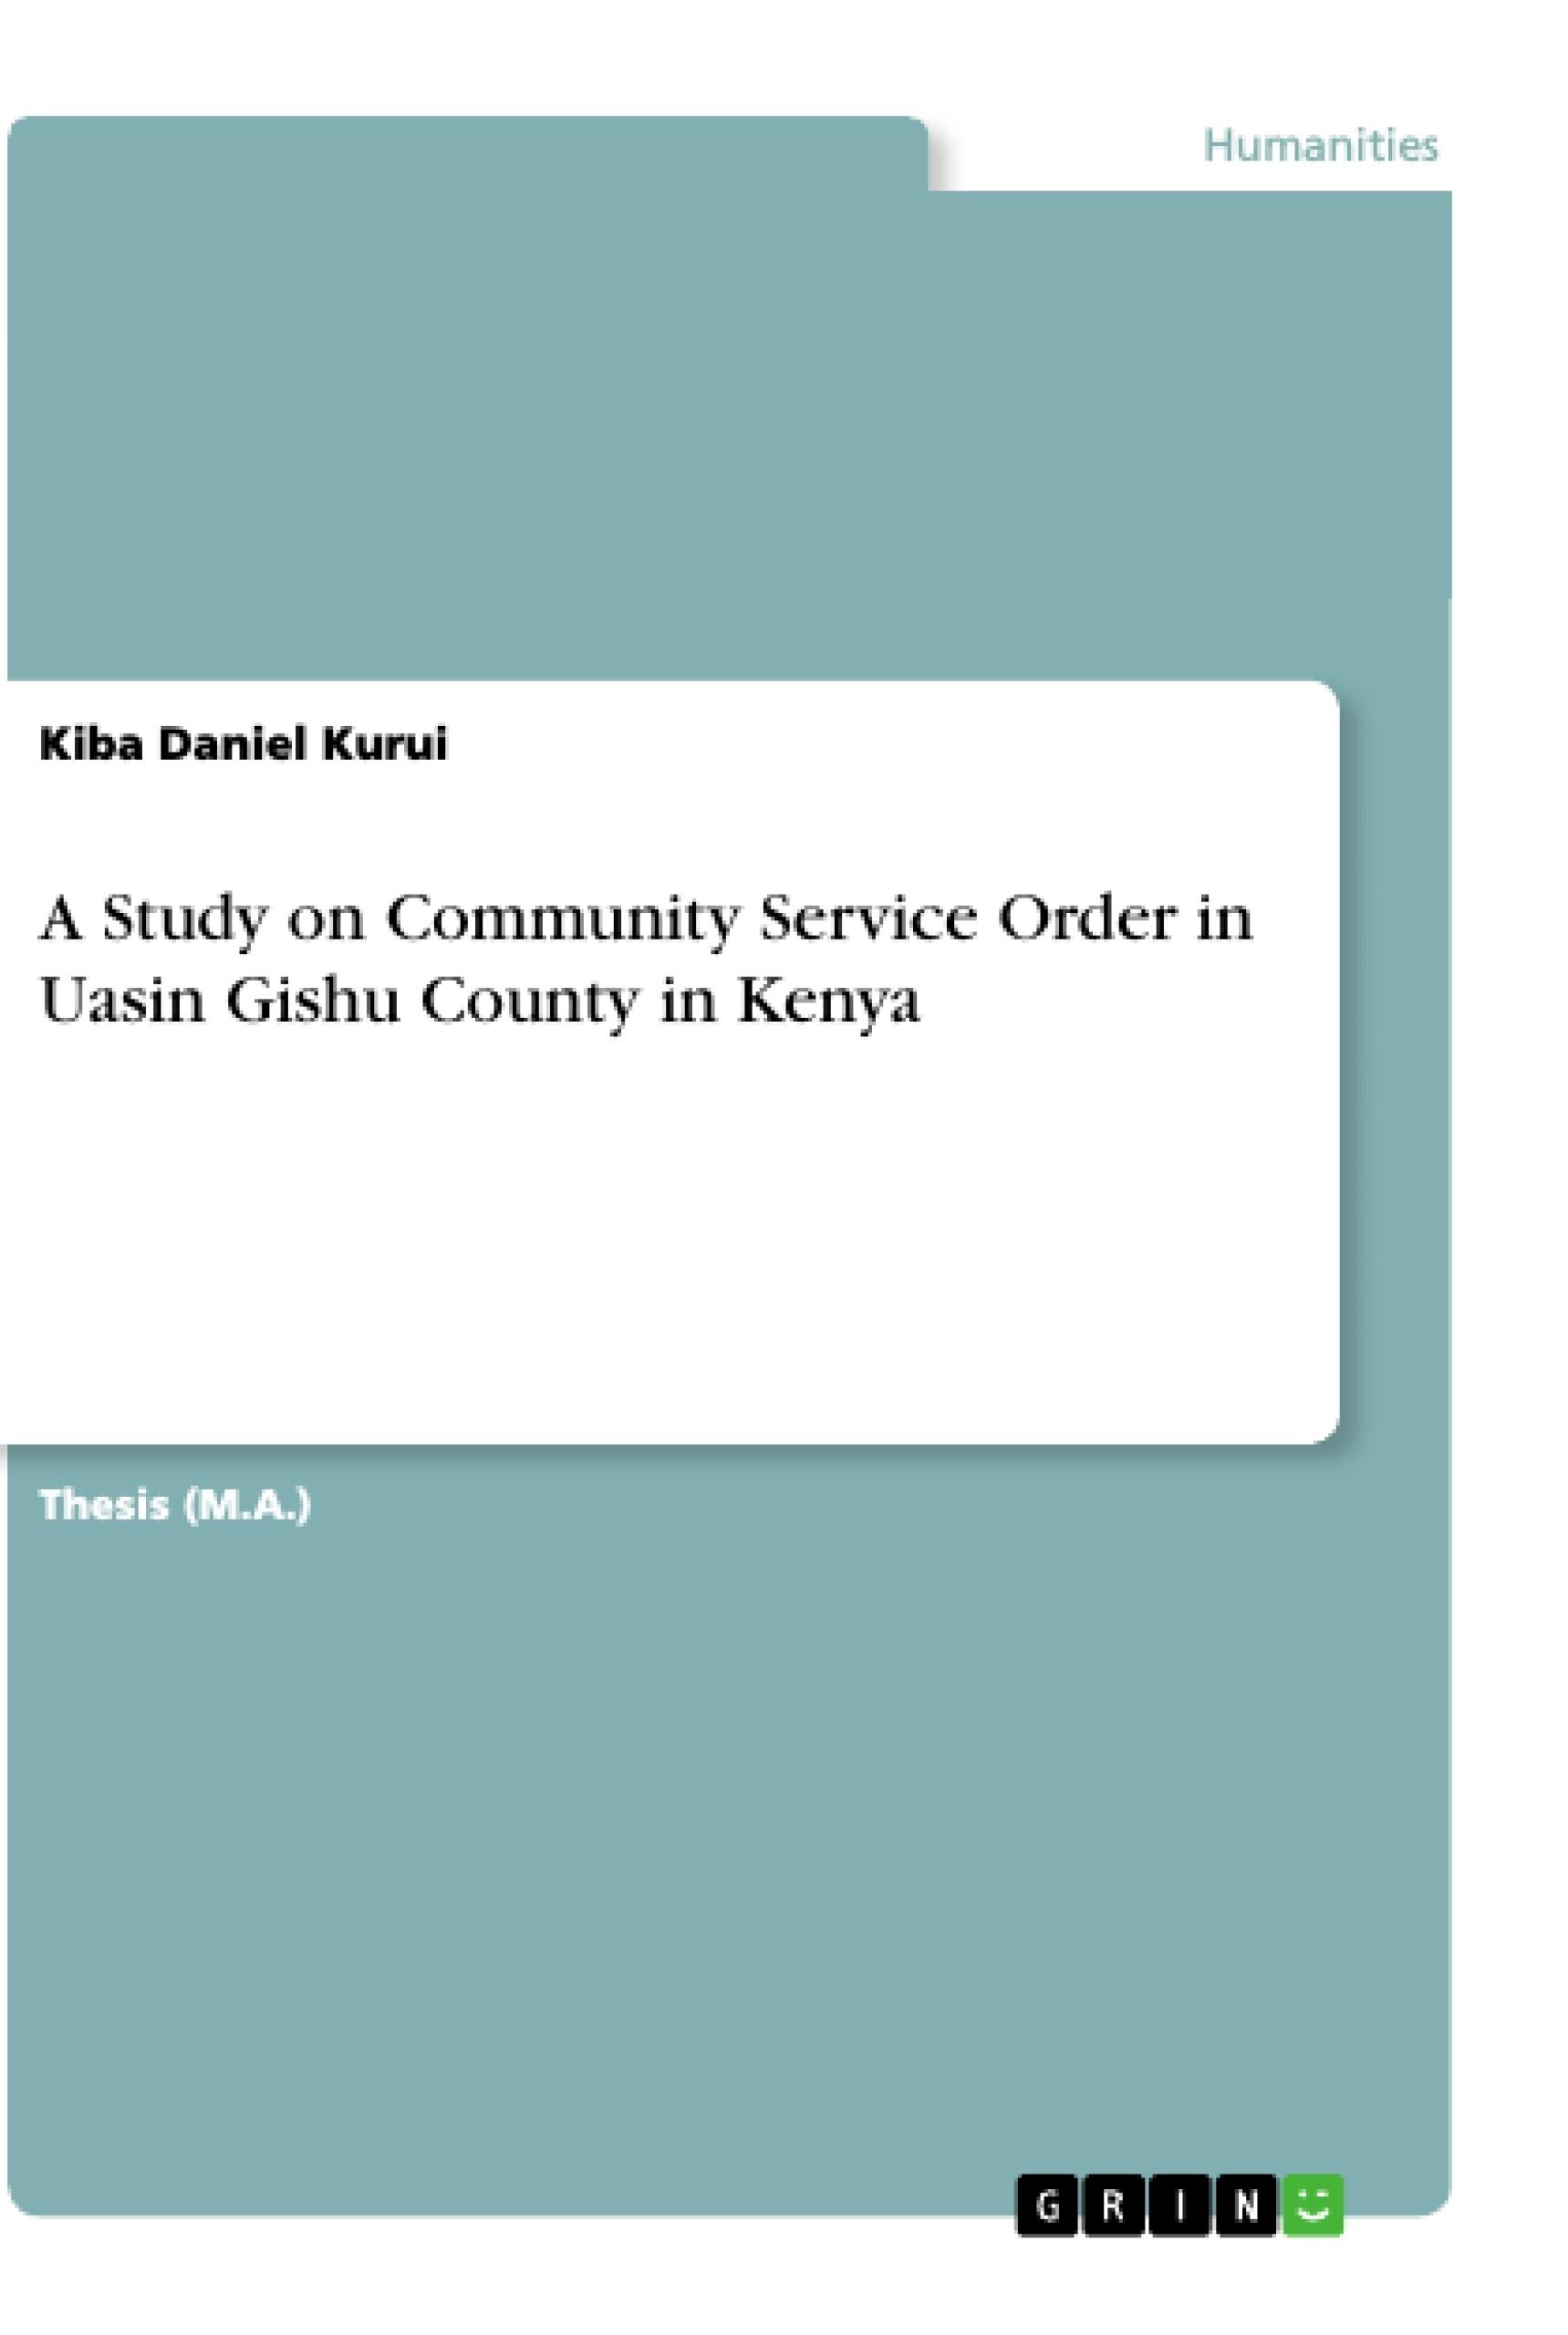 Title: A Study on Community Service Order in Uasin Gishu County in Kenya